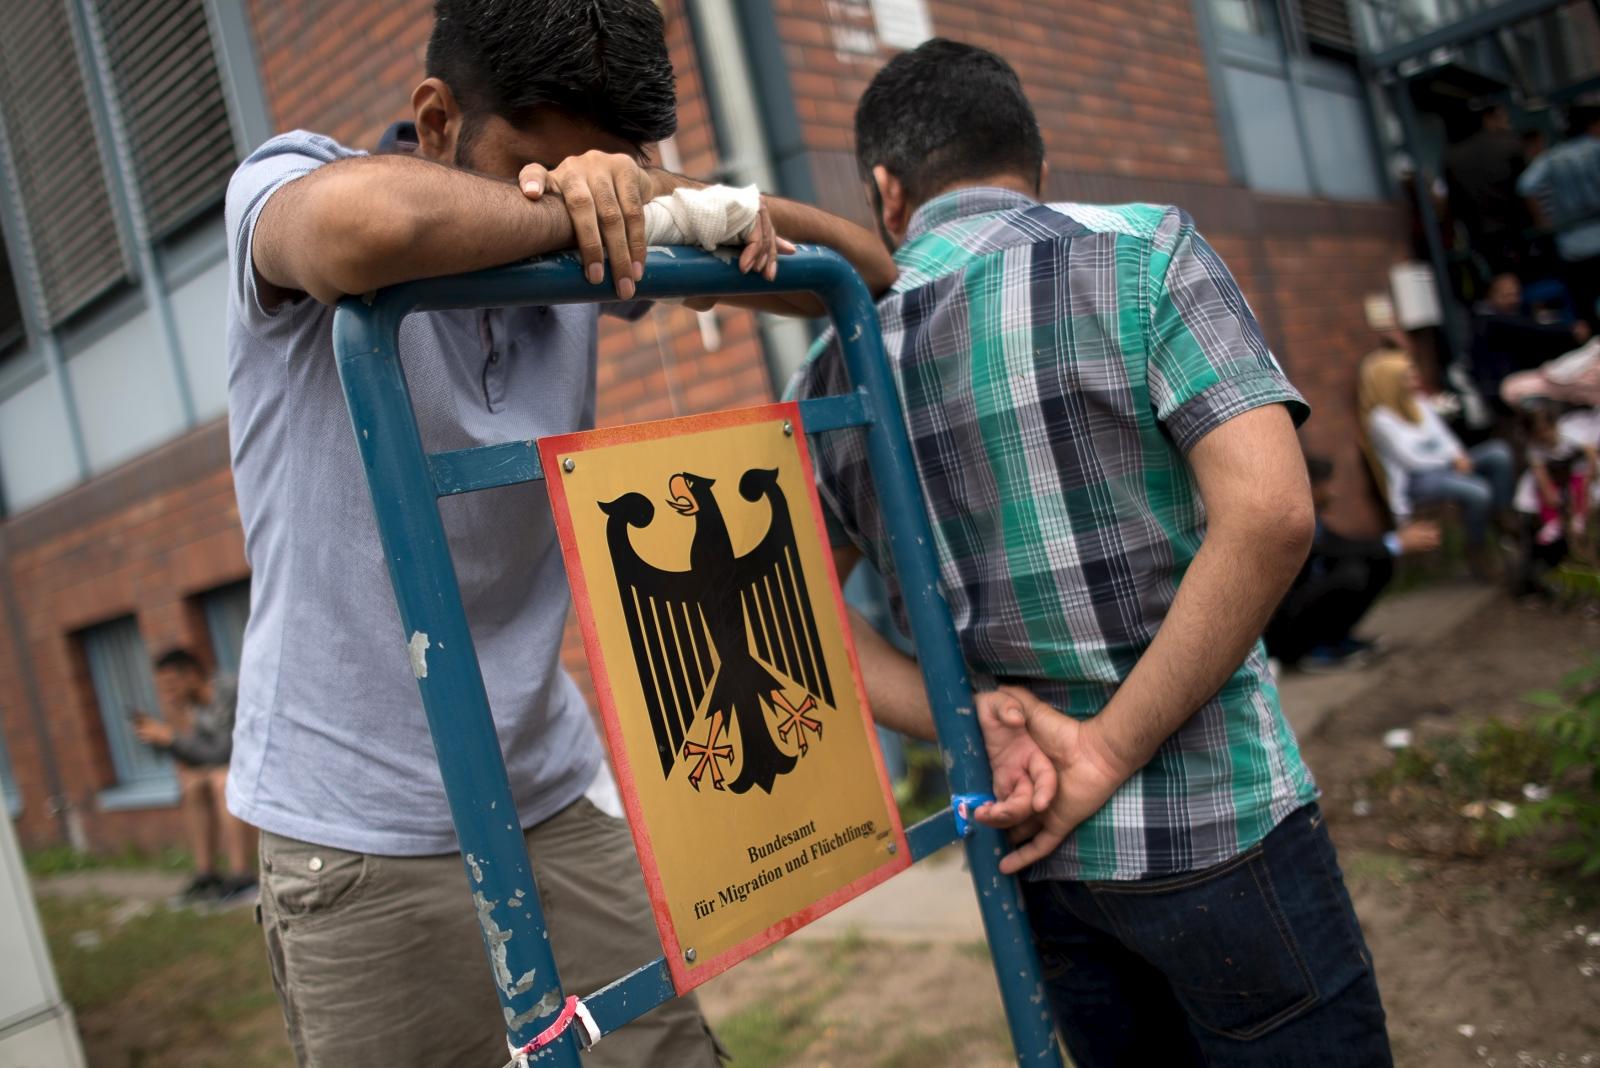 Germany asylum-seekers